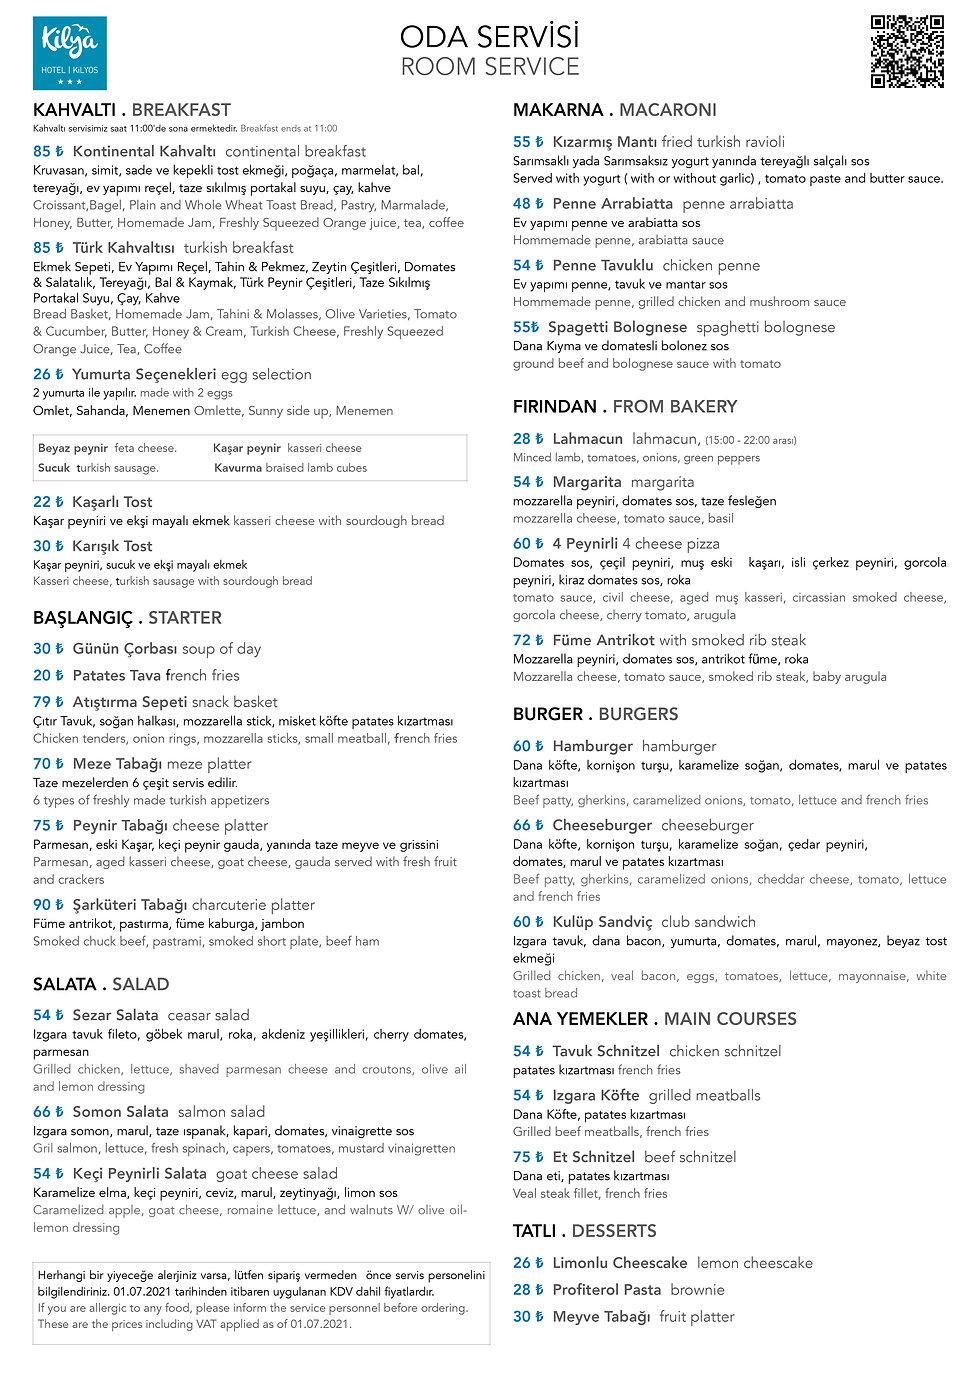 KH Oda Servisi 21.08.jpf